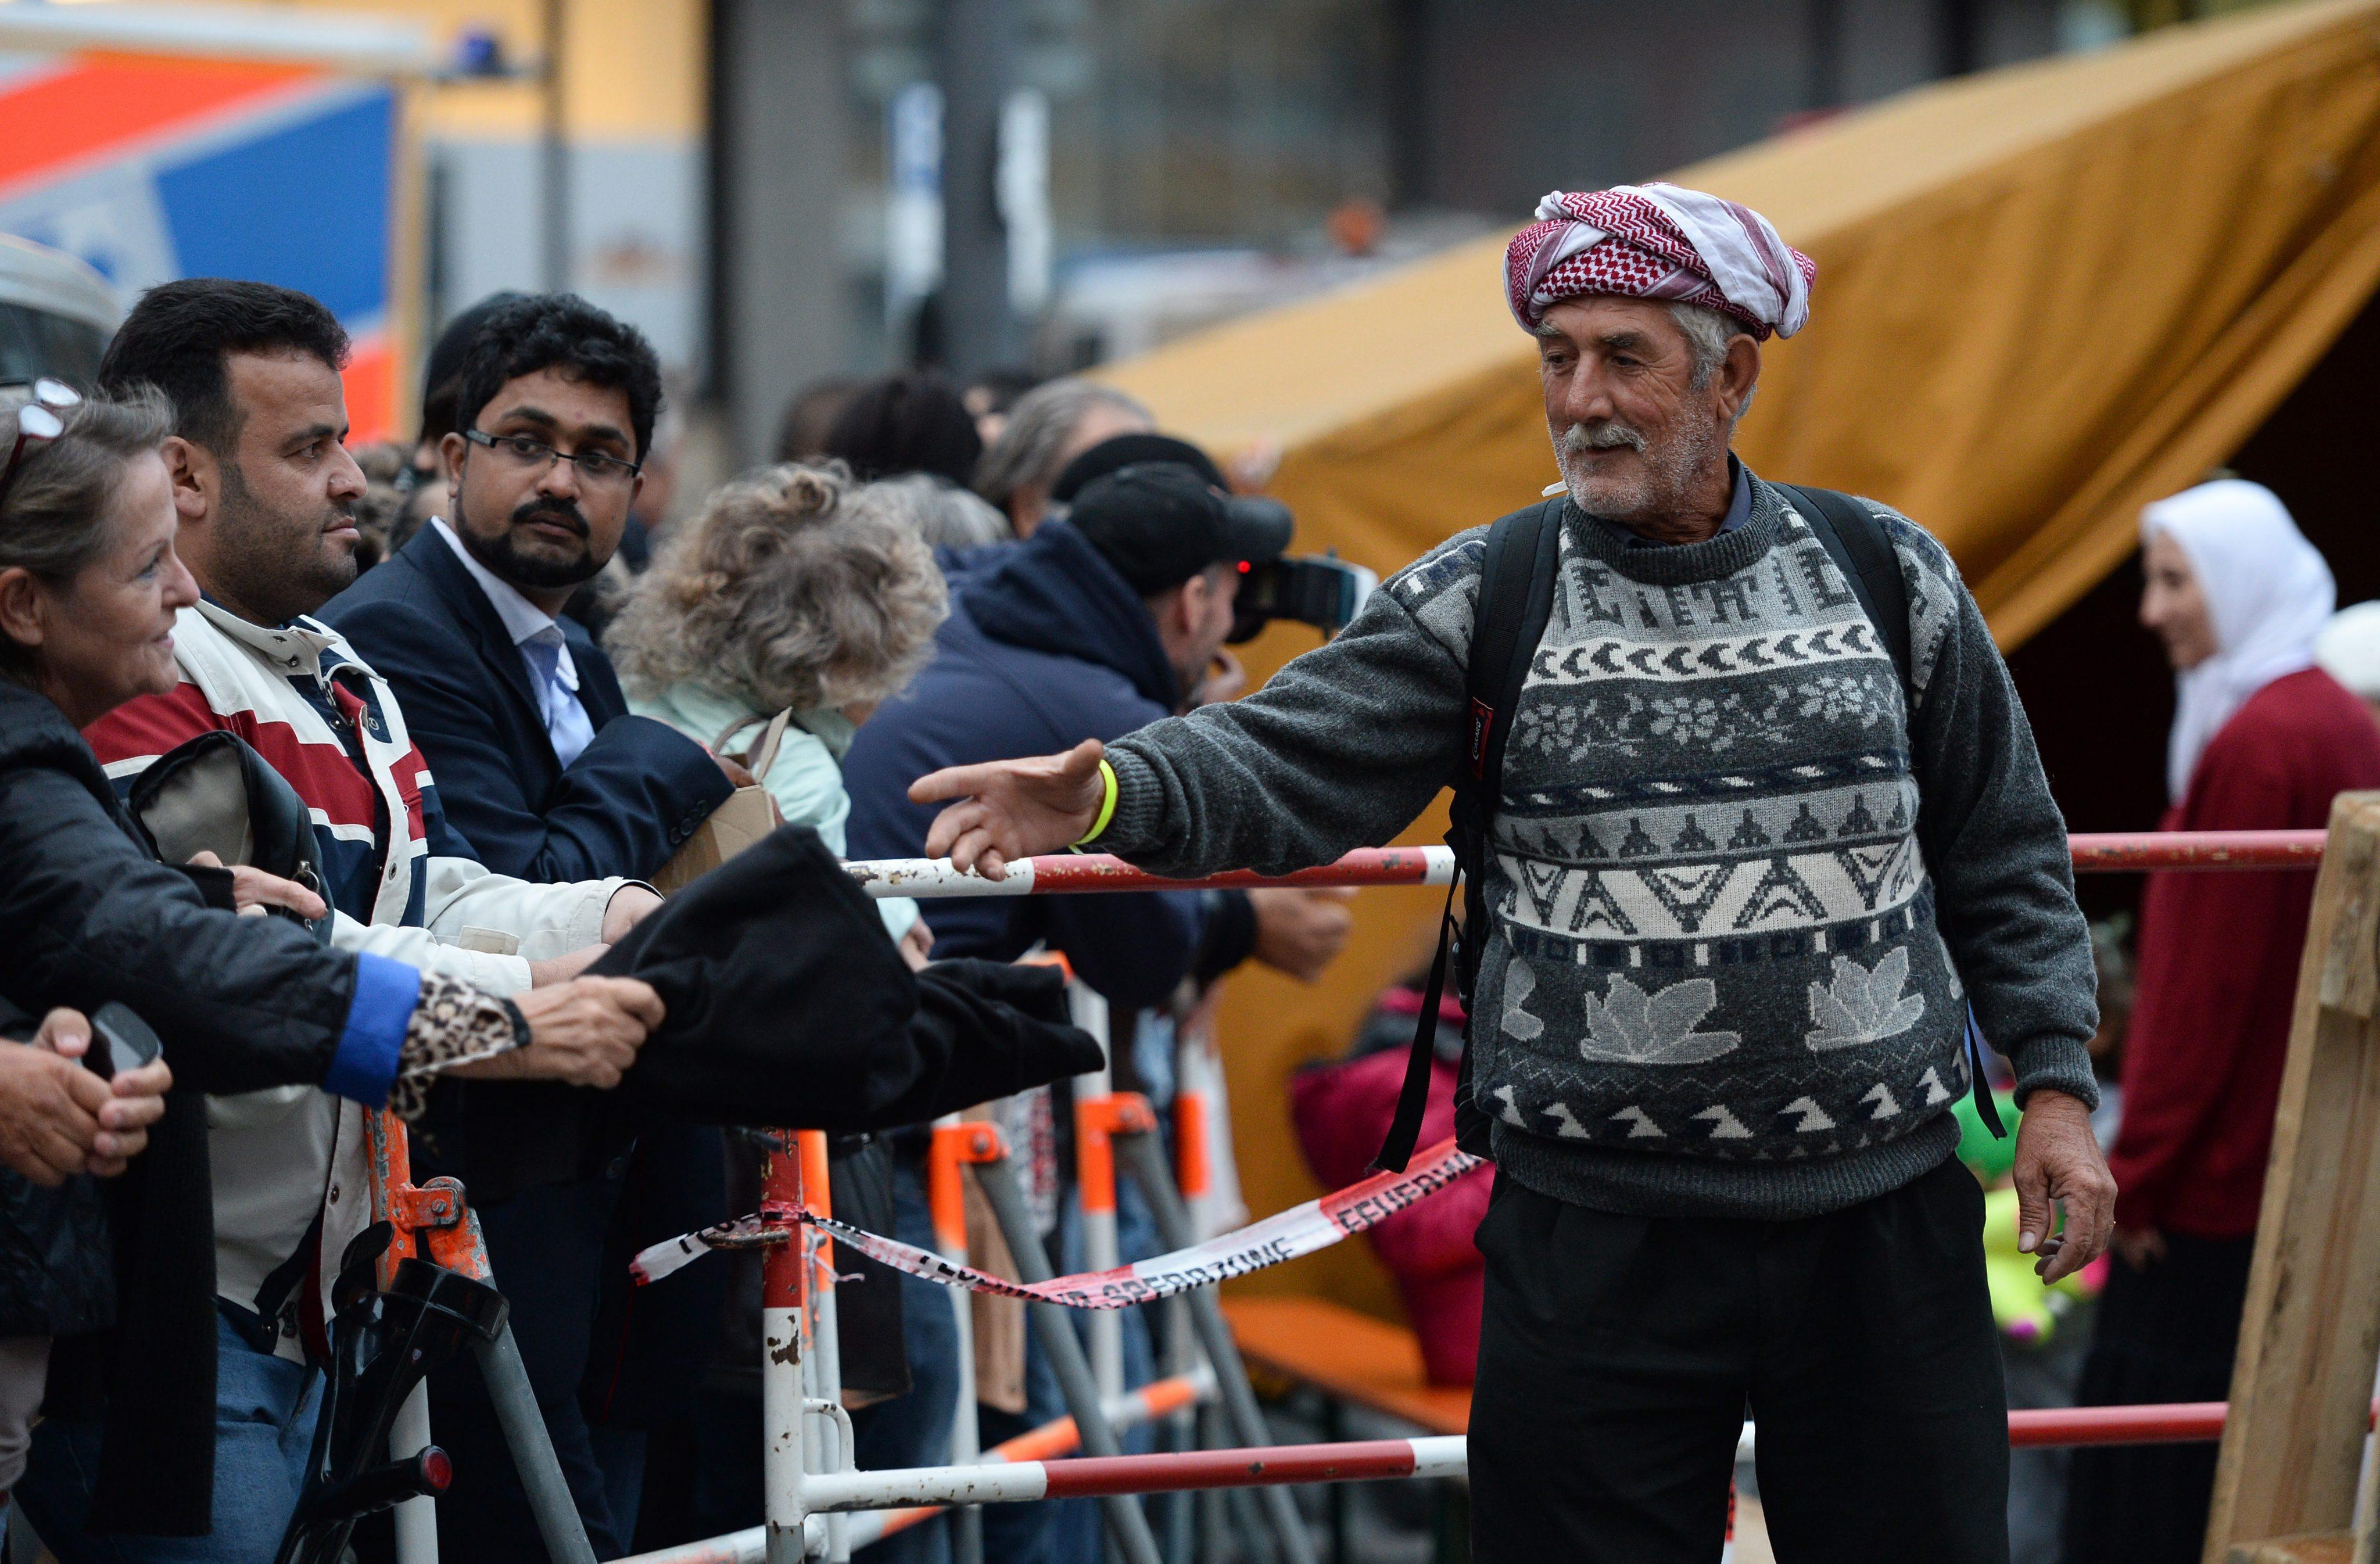 През последния уикенд в Германия пристигнаха около 20 000 бежанци, в голямата си част дошли от Сирия